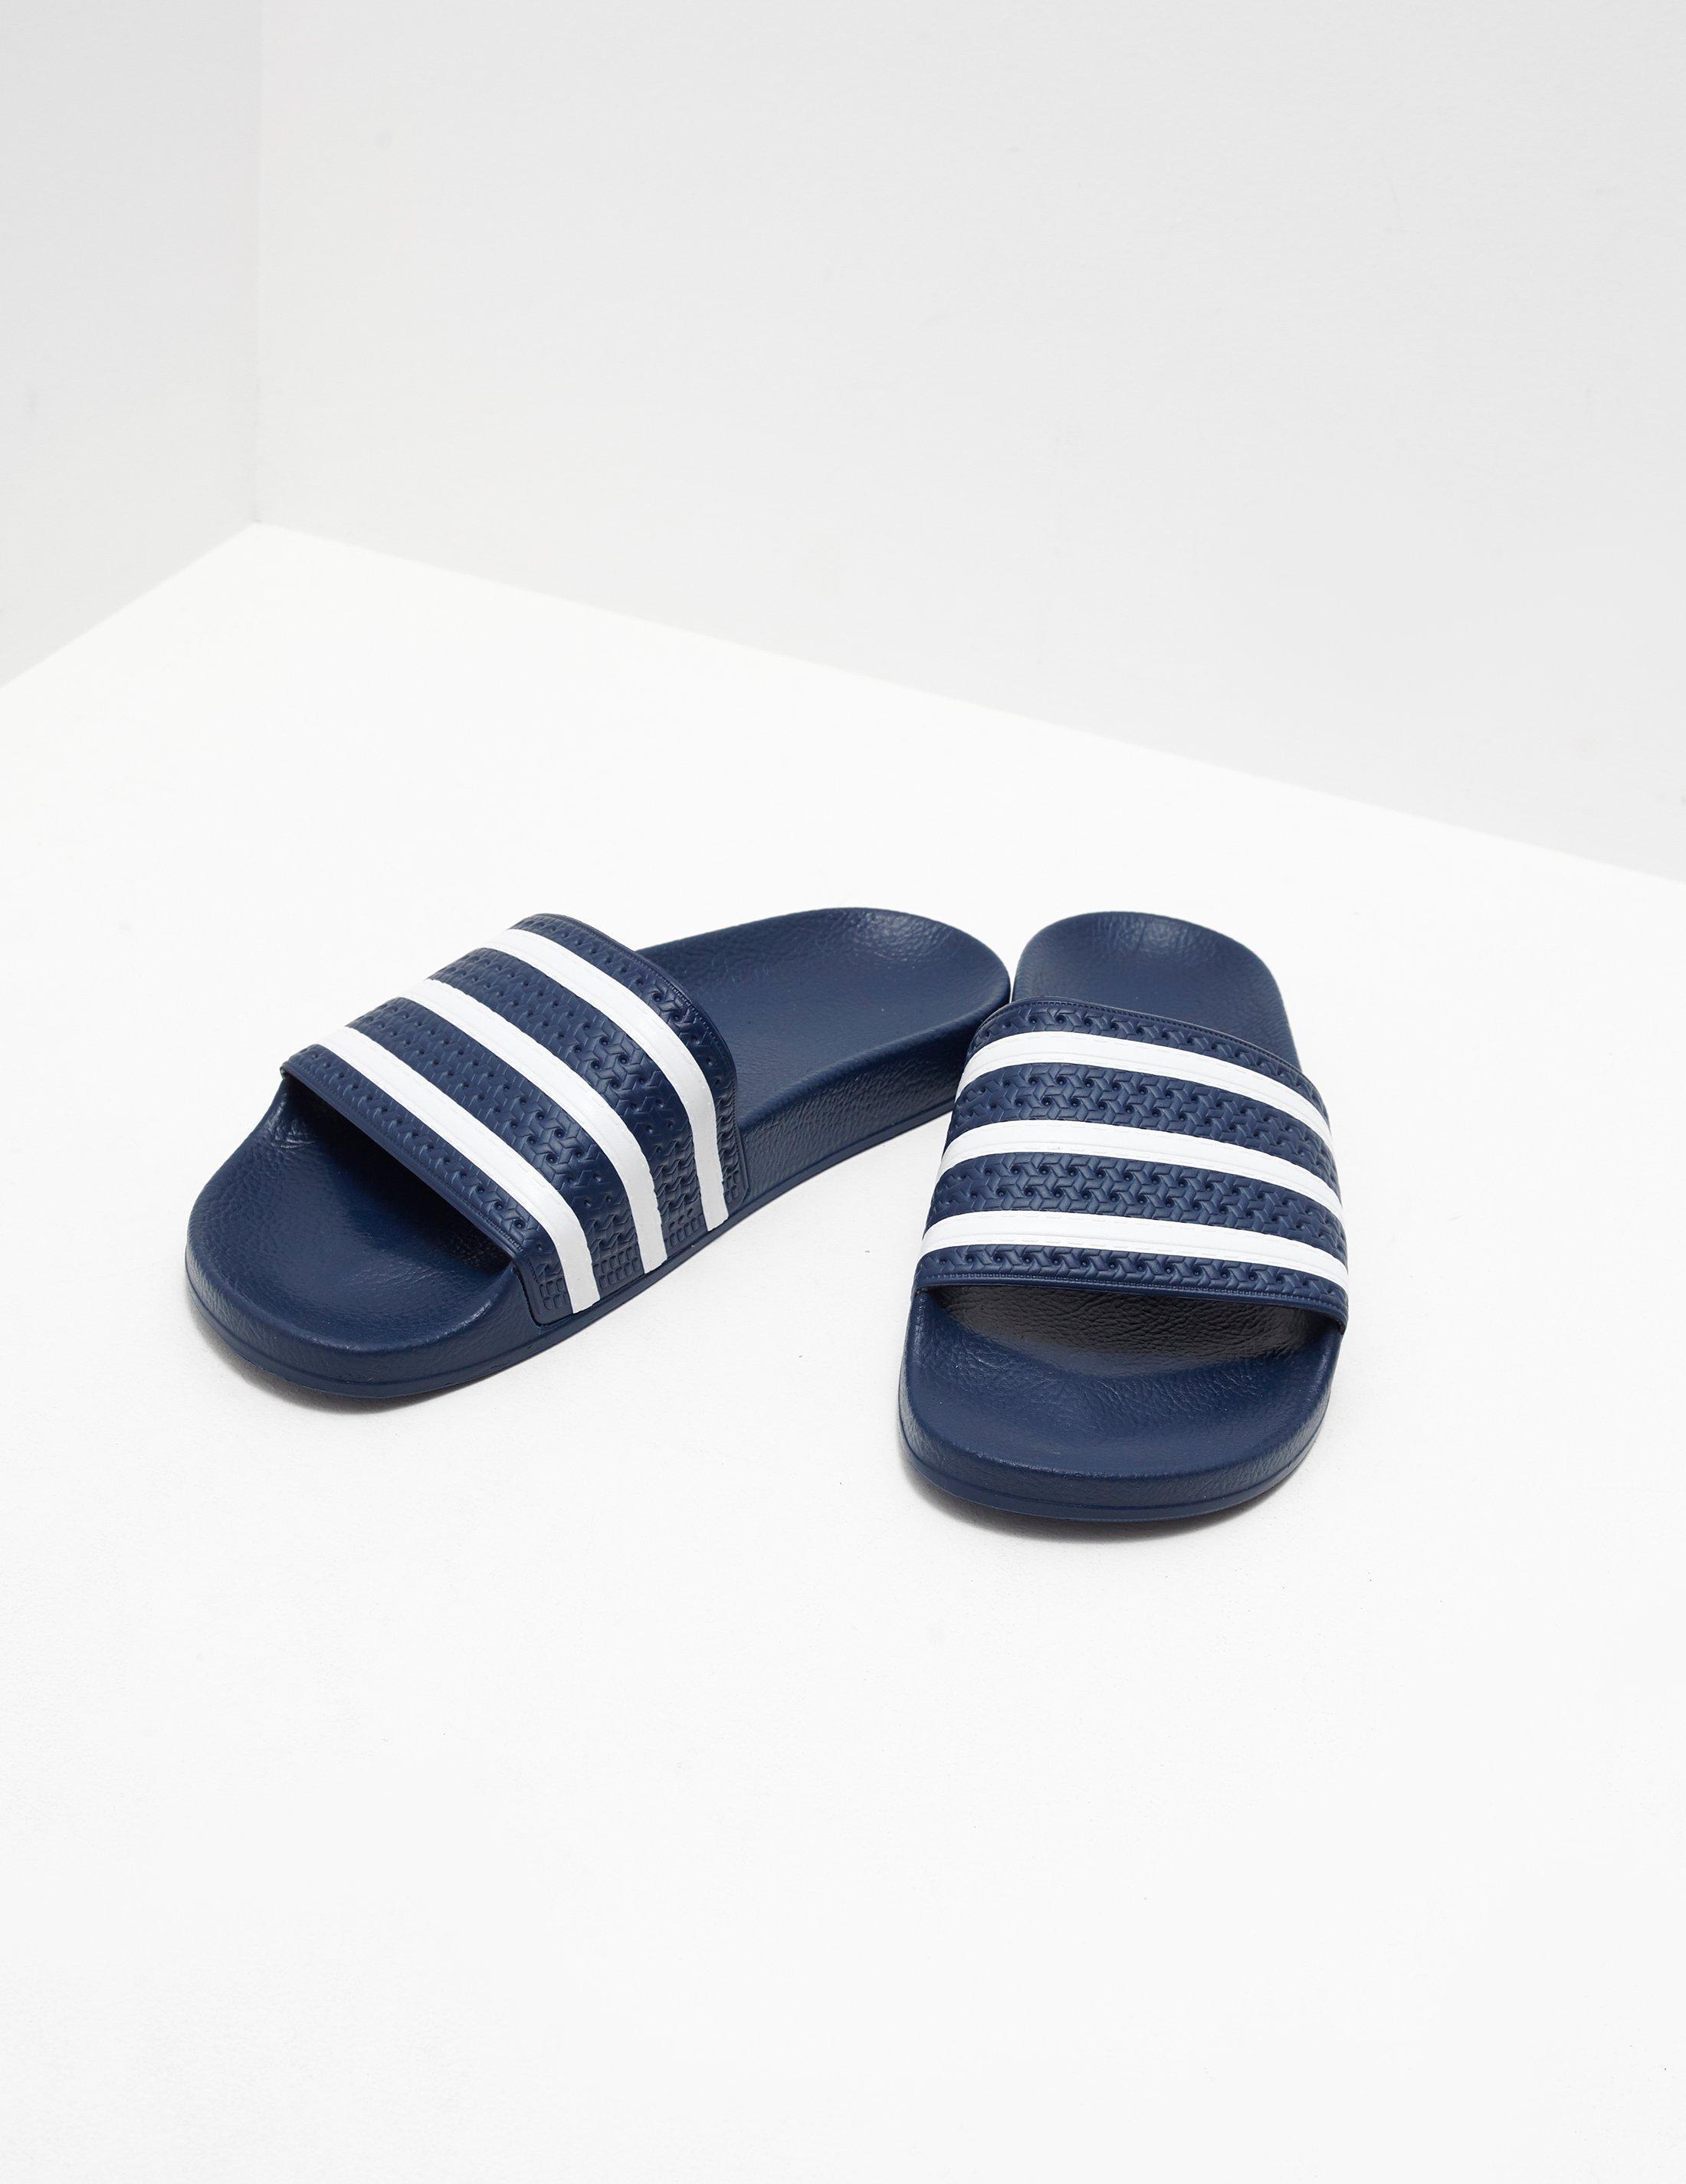 0bada49f95ebc adidas Originals Mens Adilette Slides Blue in Blue for Men - Lyst